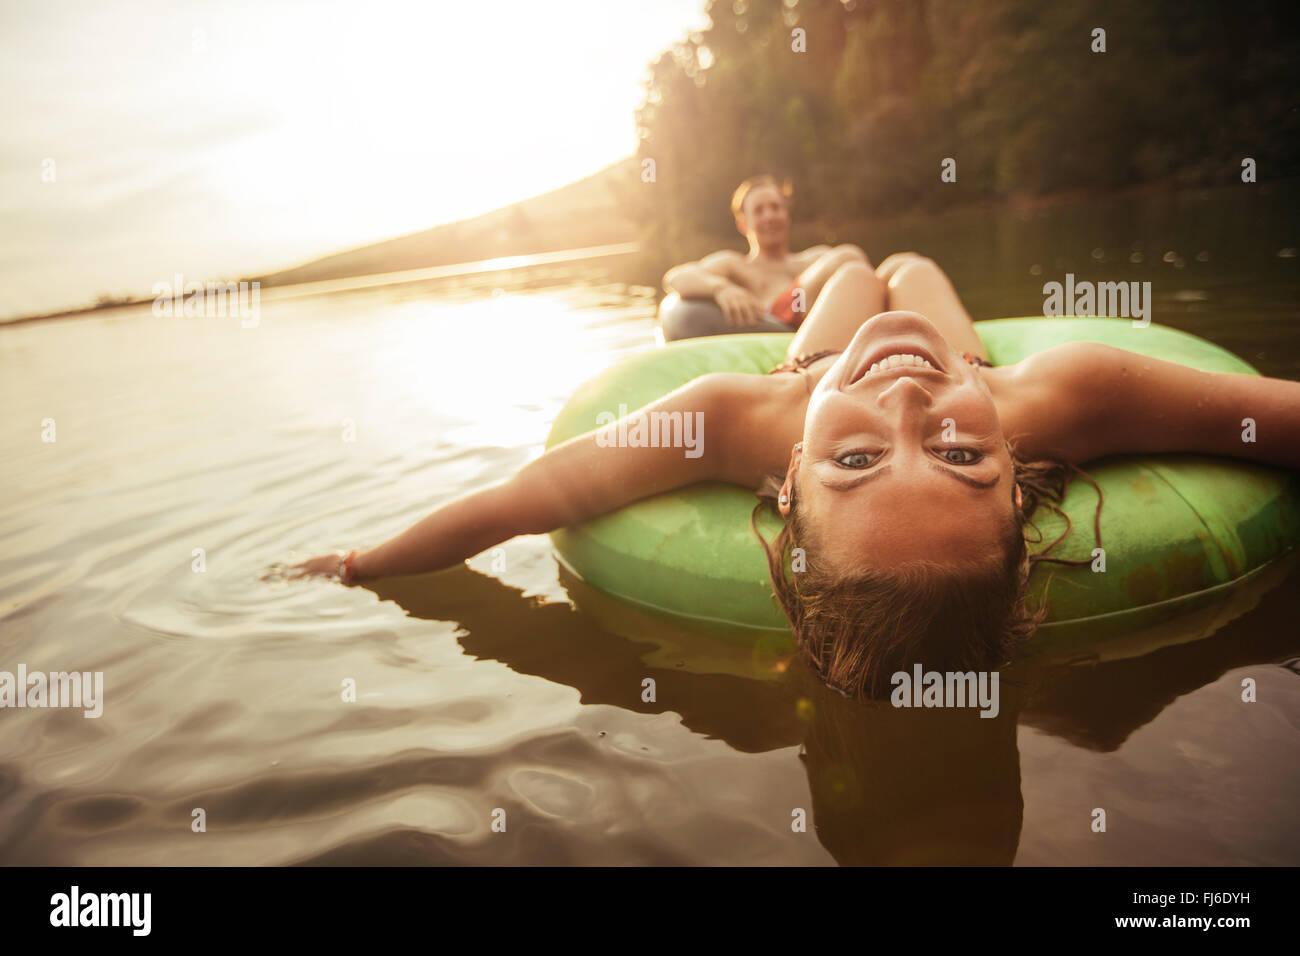 Retrato de mujer joven feliz flotando en un innertube con su novio en el fondo del lago. Pareja joven en el lago Imagen De Stock